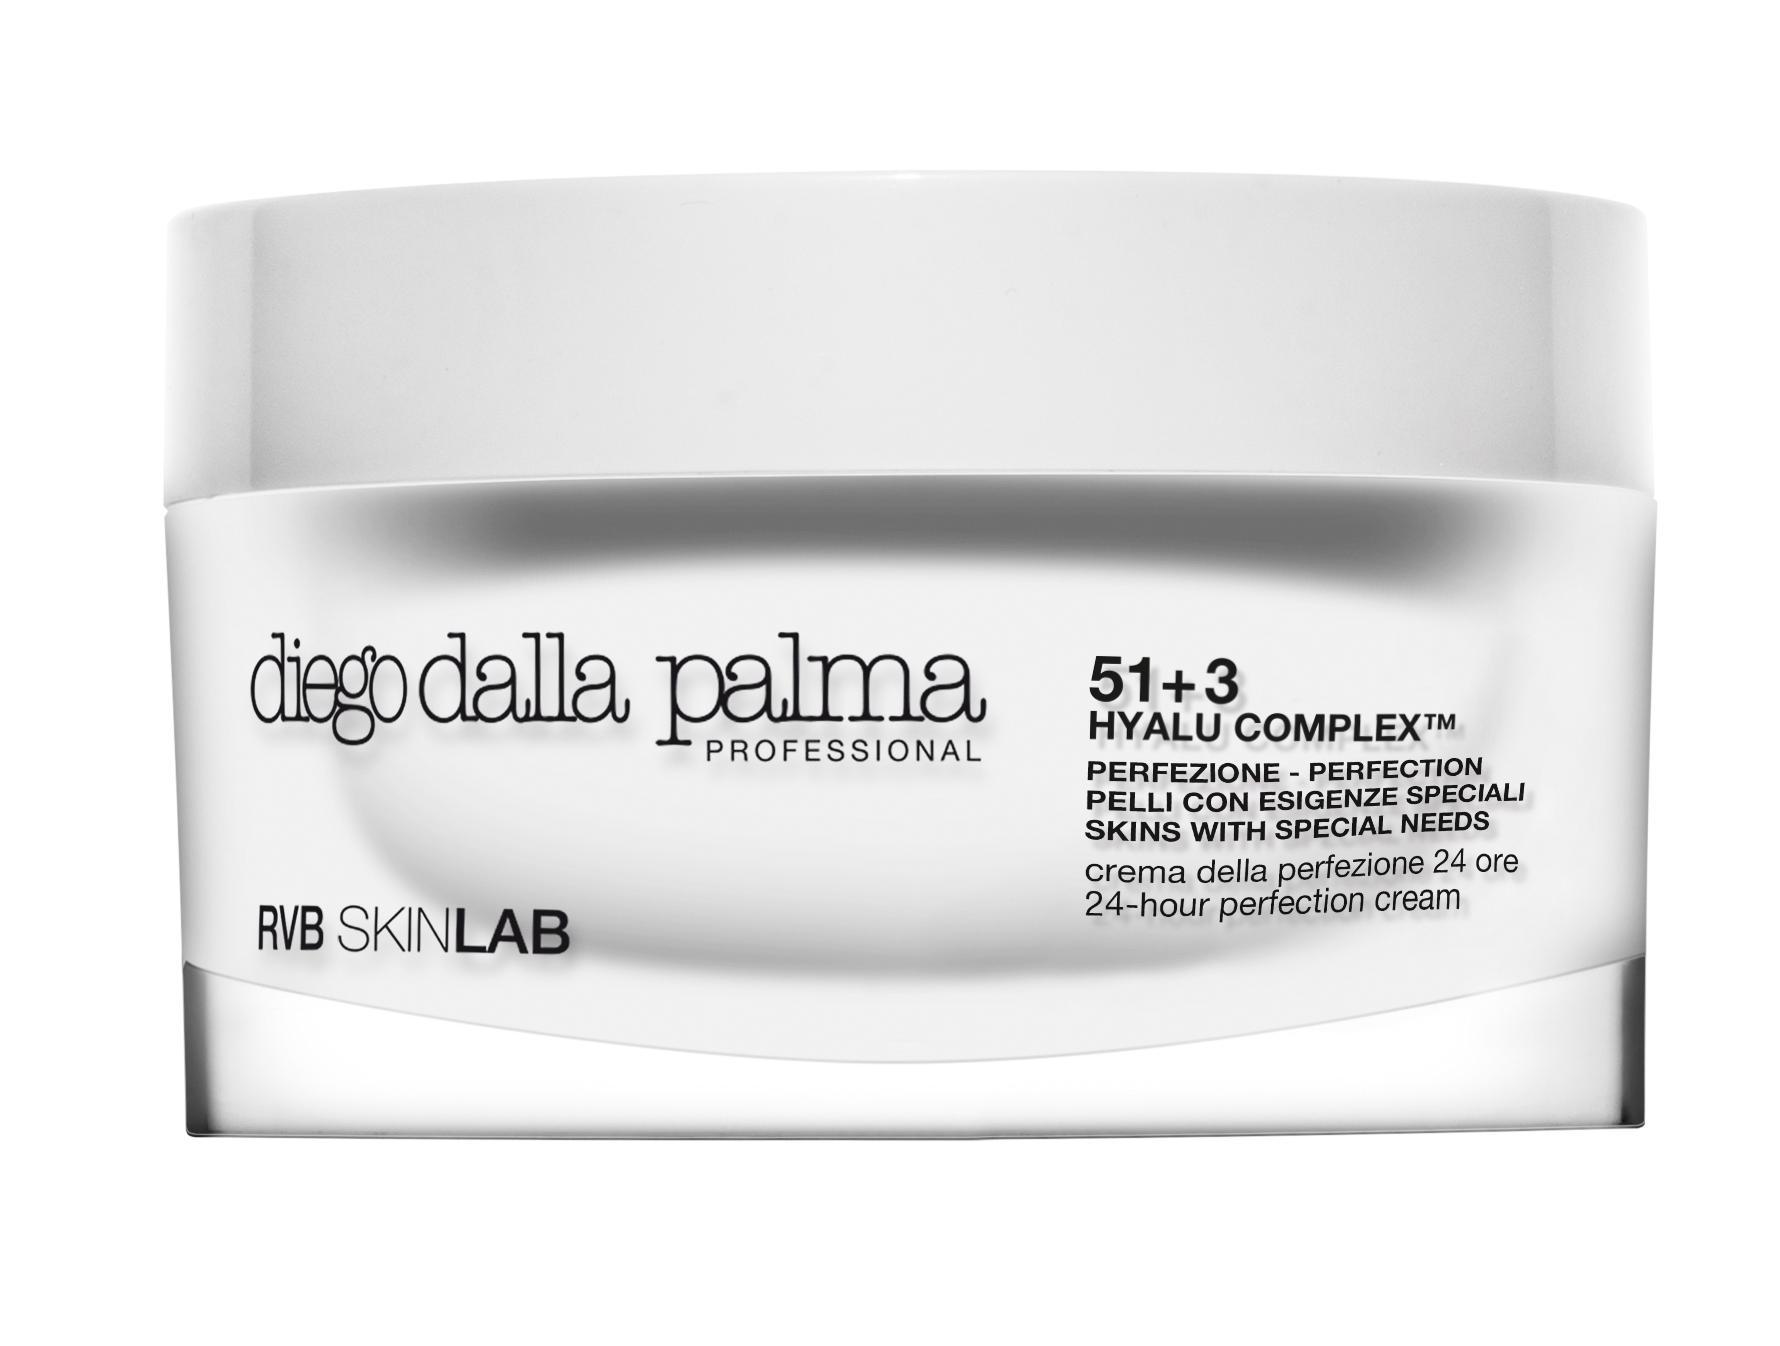 Купить DIEGO DALLA PALMA PROFESSIONAL Крем для идеальной кожи 24 часа 50 мл